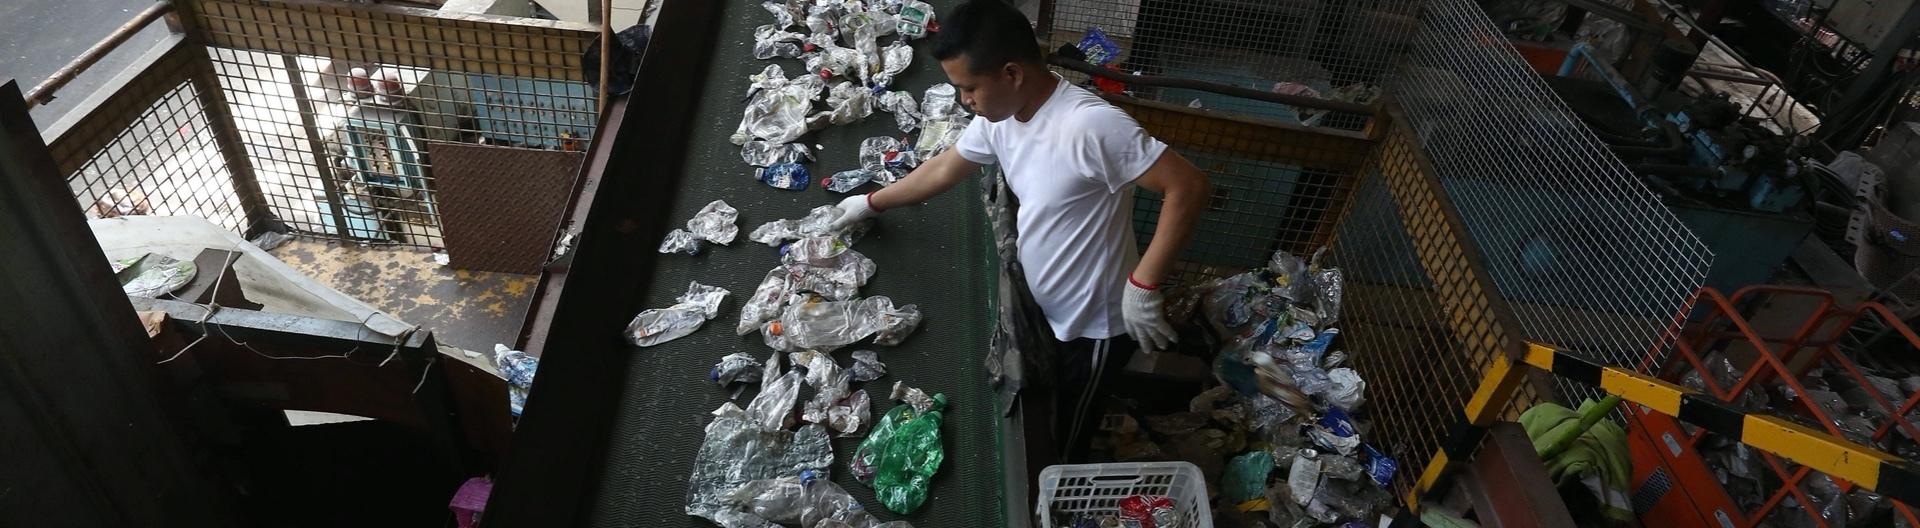 Mann sortiert Plastikflaschen in einer Recycling-Firma in Long Kwu Tan, 18.6.20